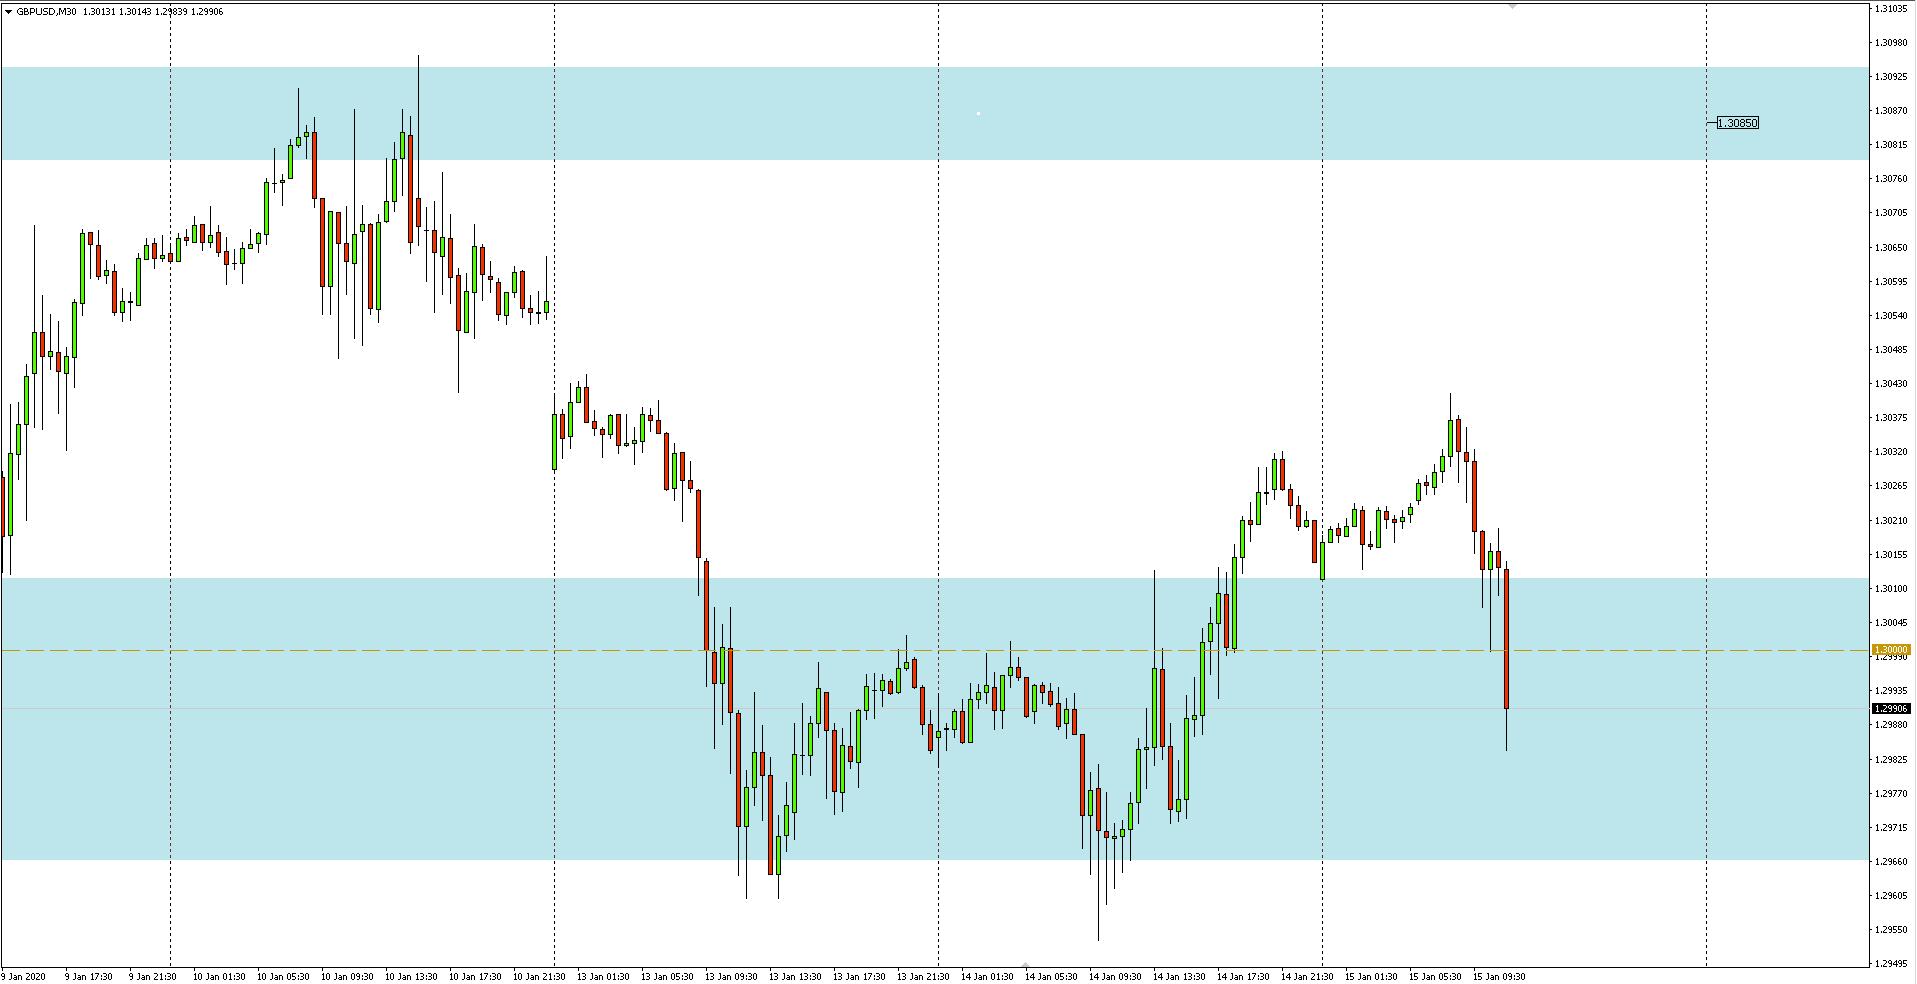 Wykres 30-minutowy pary walutowej GBPUSD - 15.01.2020 r.